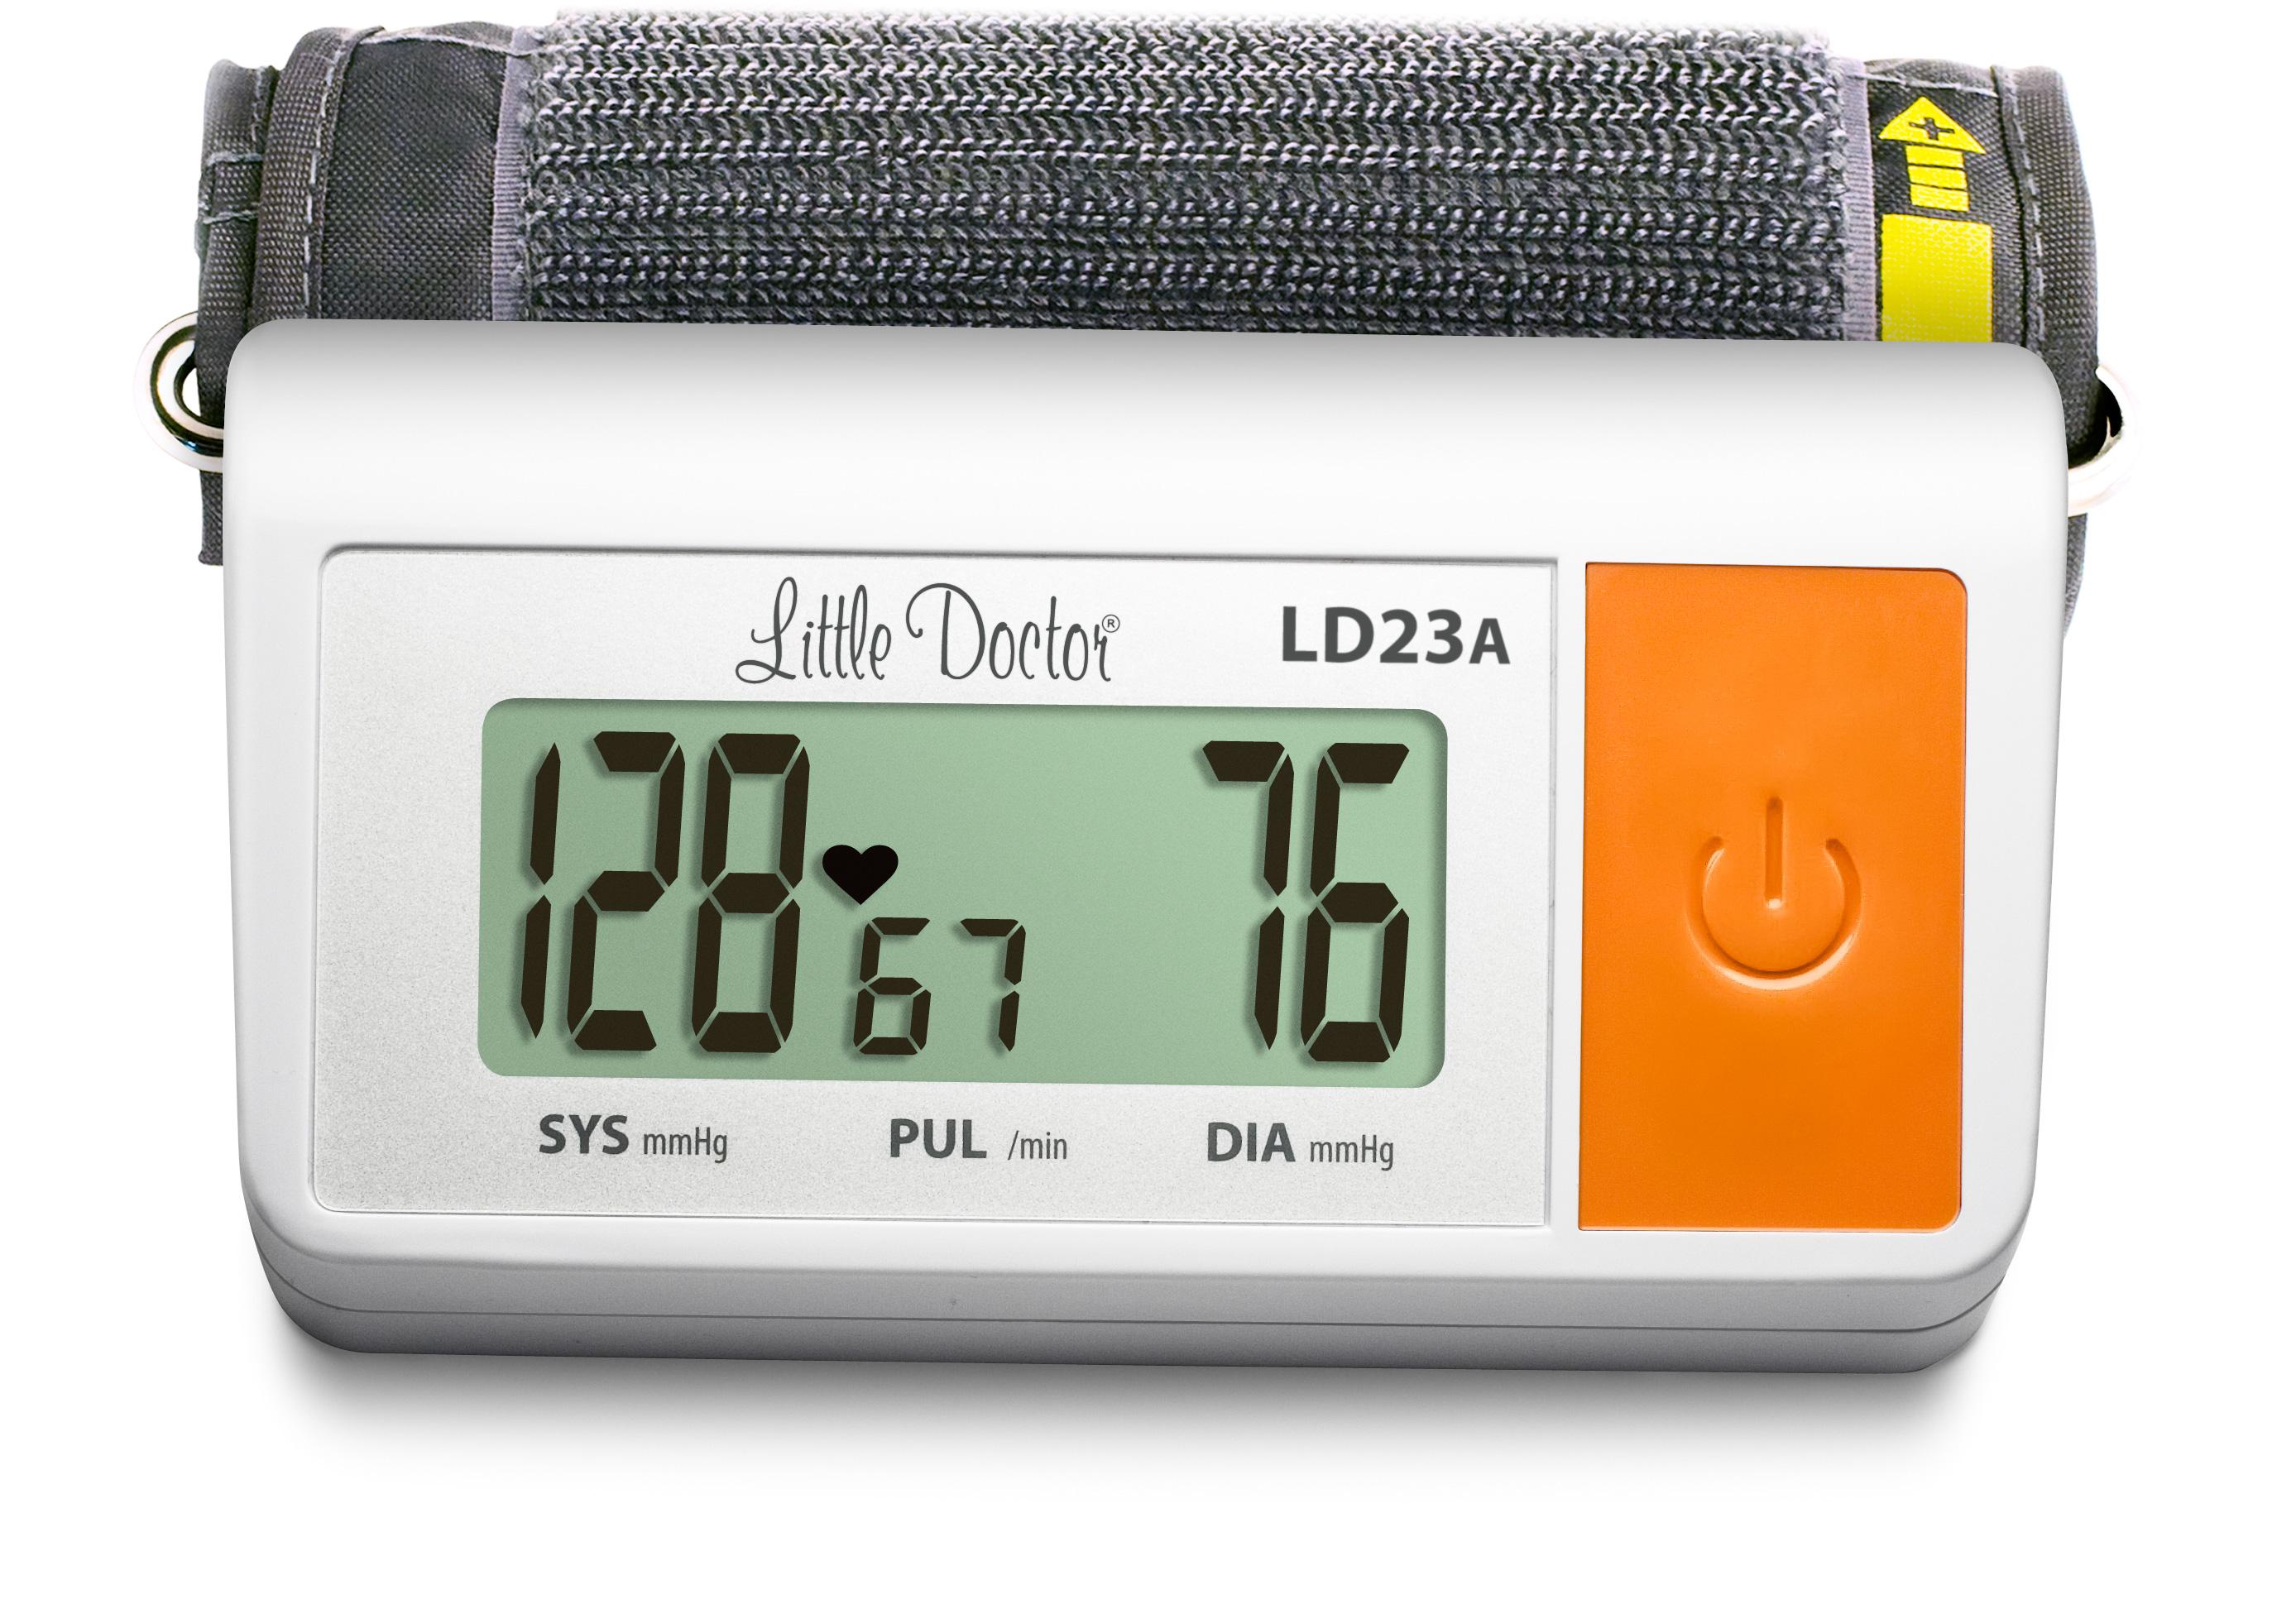 Тонометр Little Doctor Electronic LD23A автоматический с адаптером и увеличенной манжетой фото